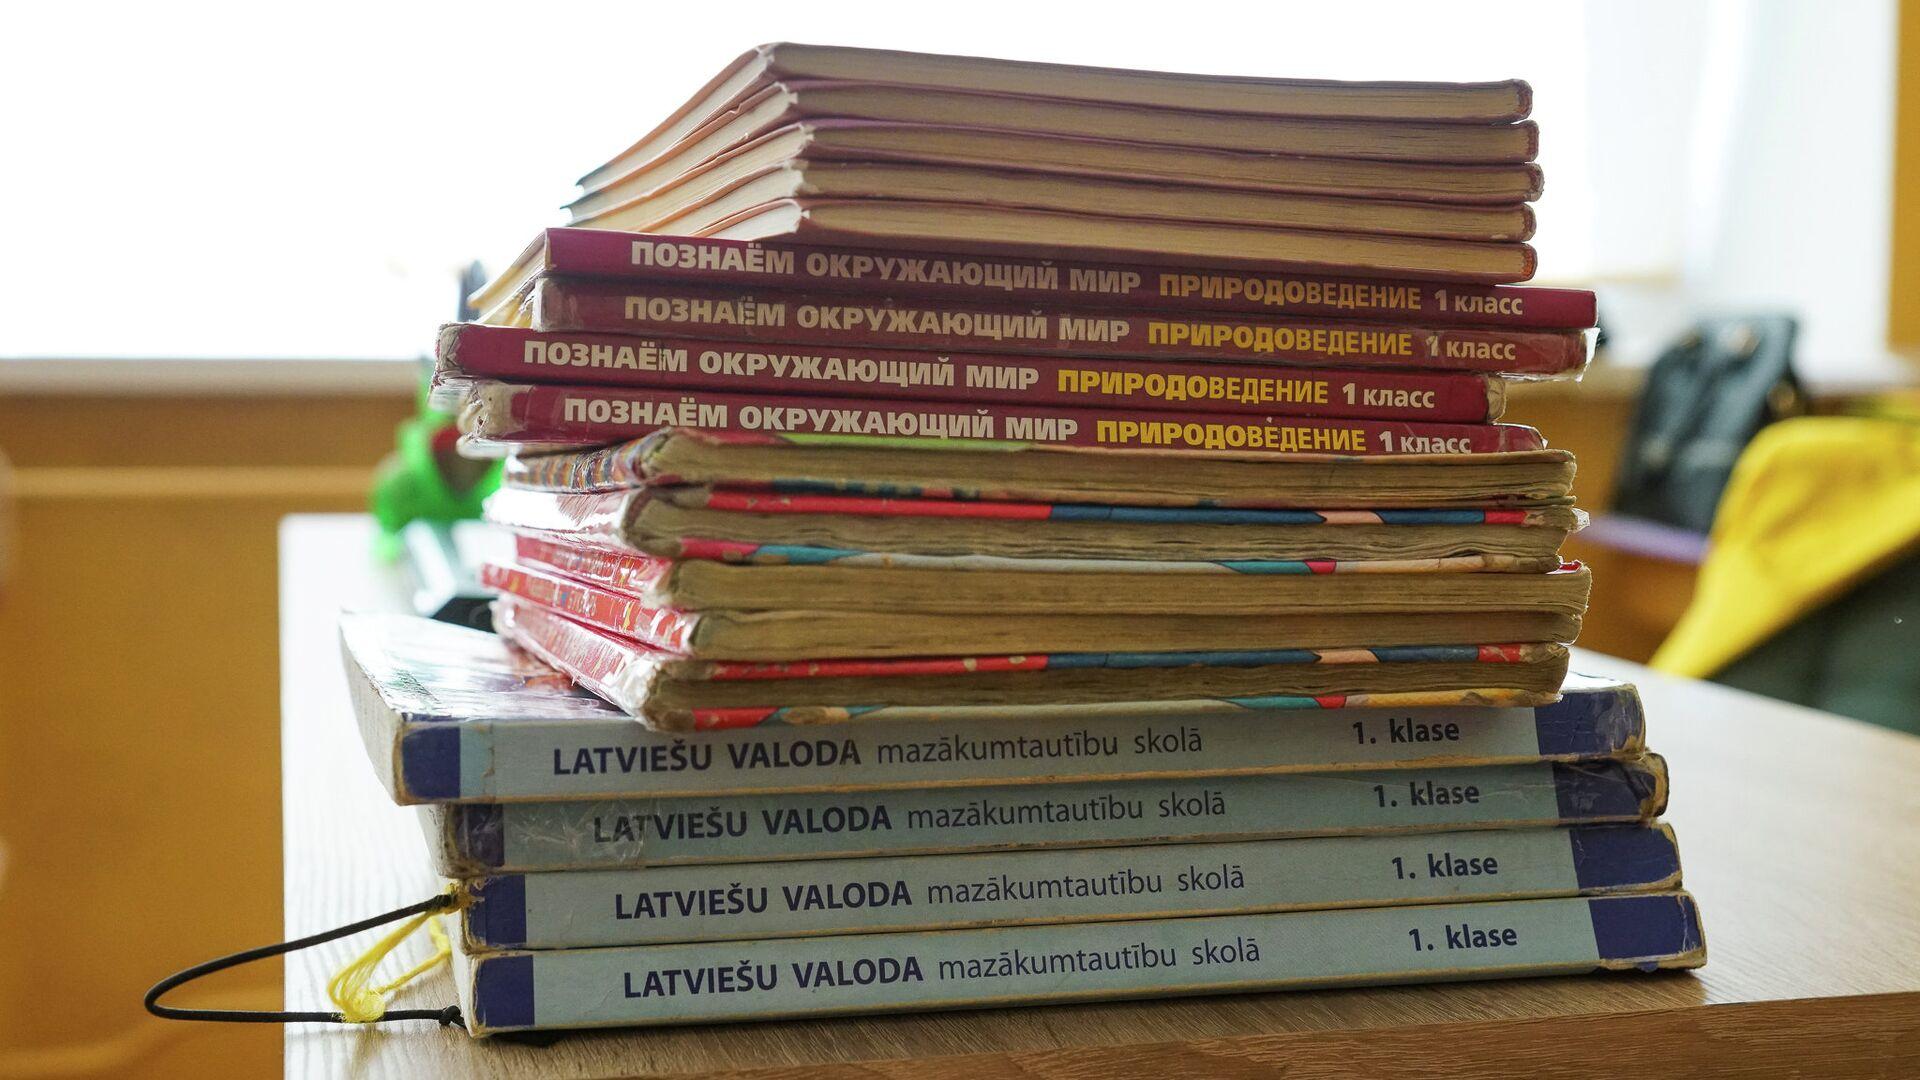 Учебники на русском и латышском языках - Sputnik Латвия, 1920, 12.06.2021